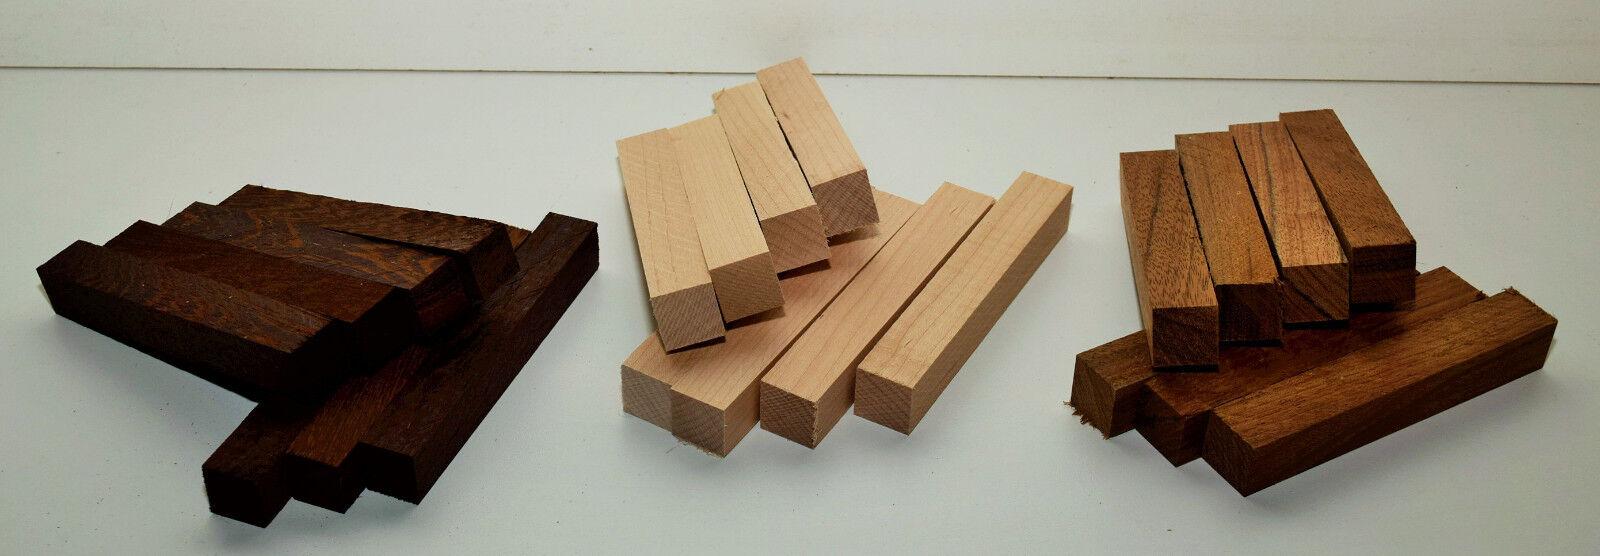 22 Penblanks 13x2x2cm Drechselholz Holz für Schmuck Bastelholz Stift Rohling